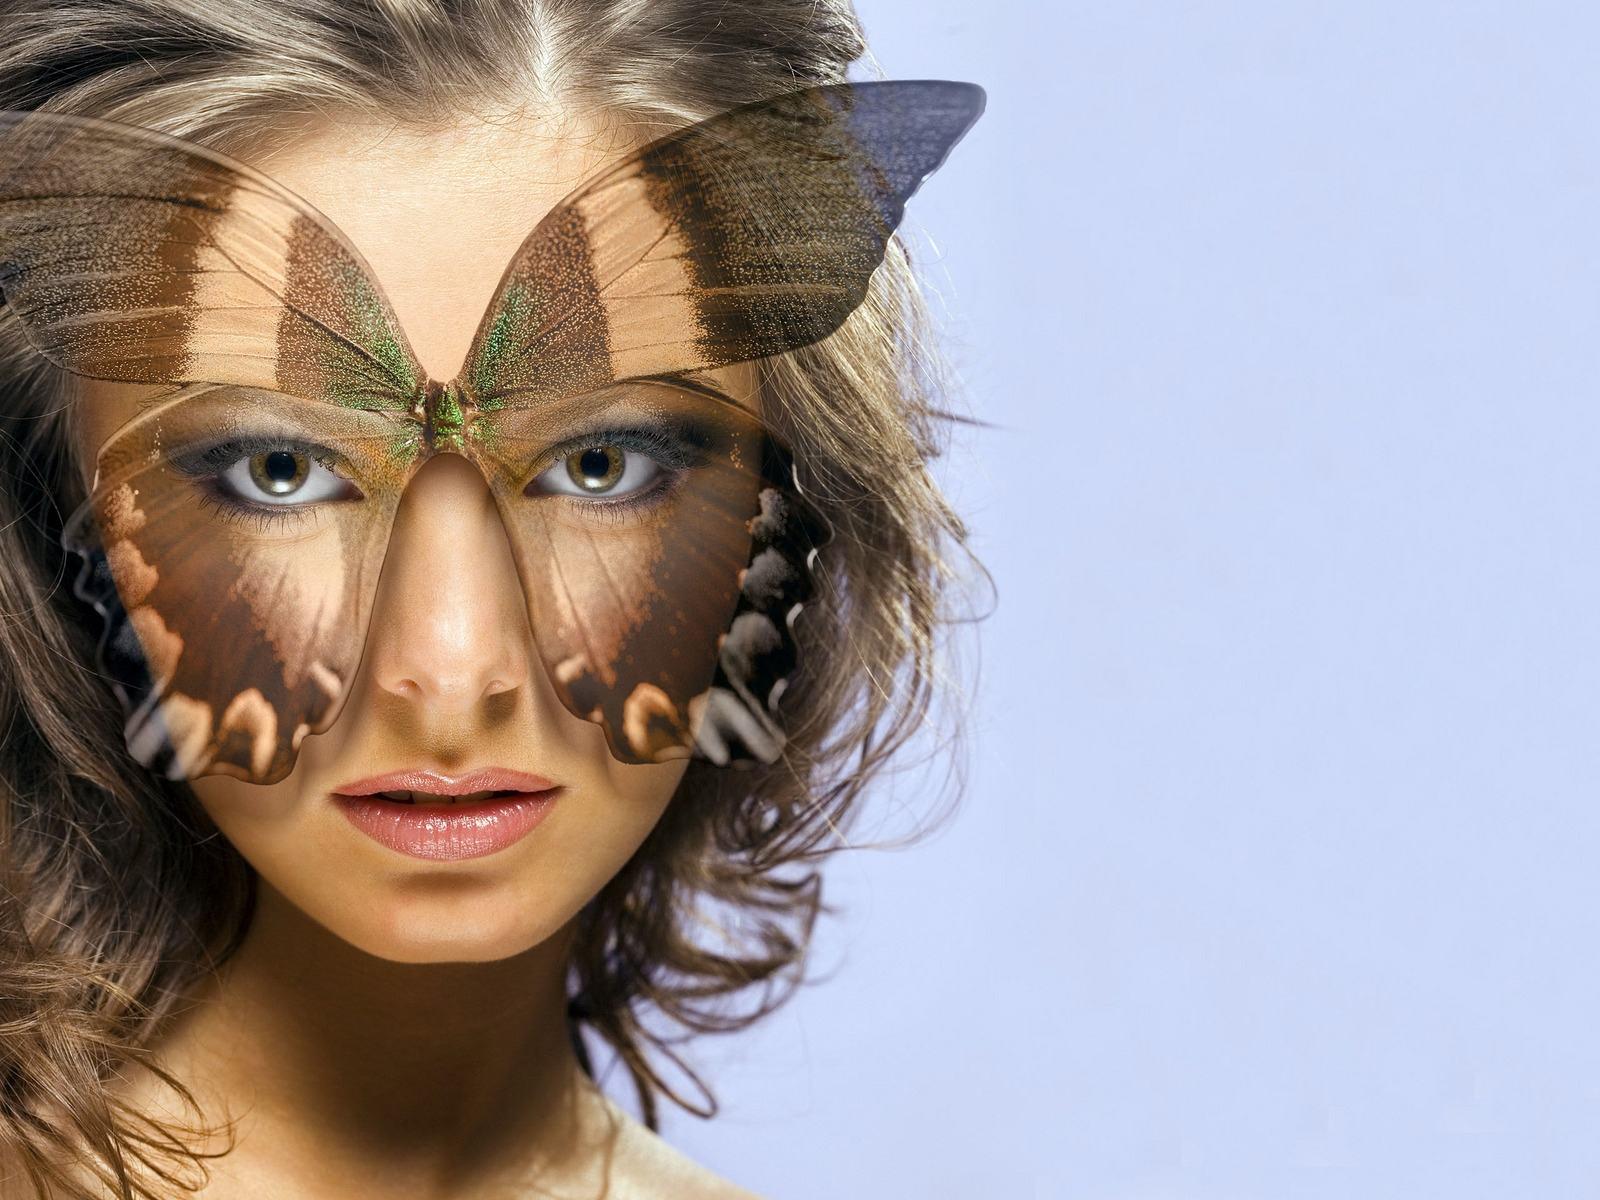 Скачать обои маска бабочки 1600x1200